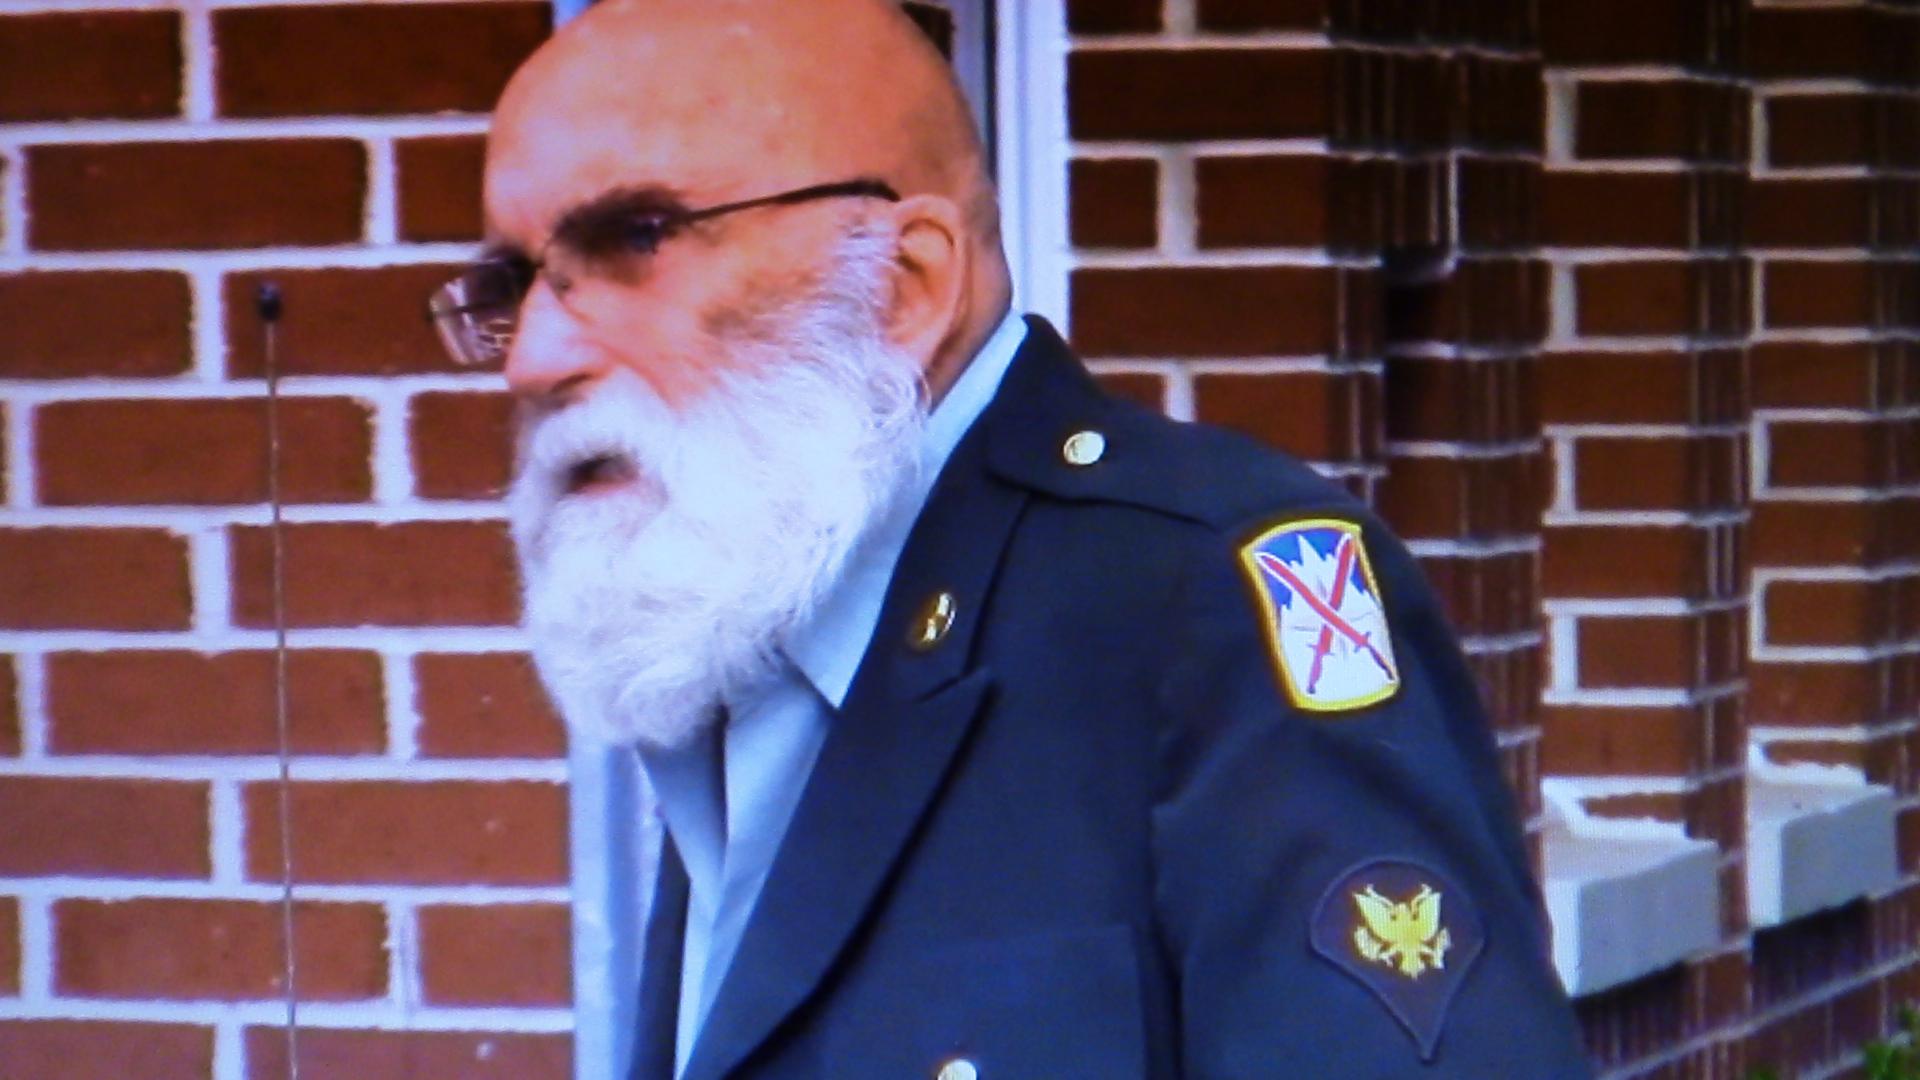 Bob Glazier in Joel D. Wynkoop's the Craiglon Incident (2020)